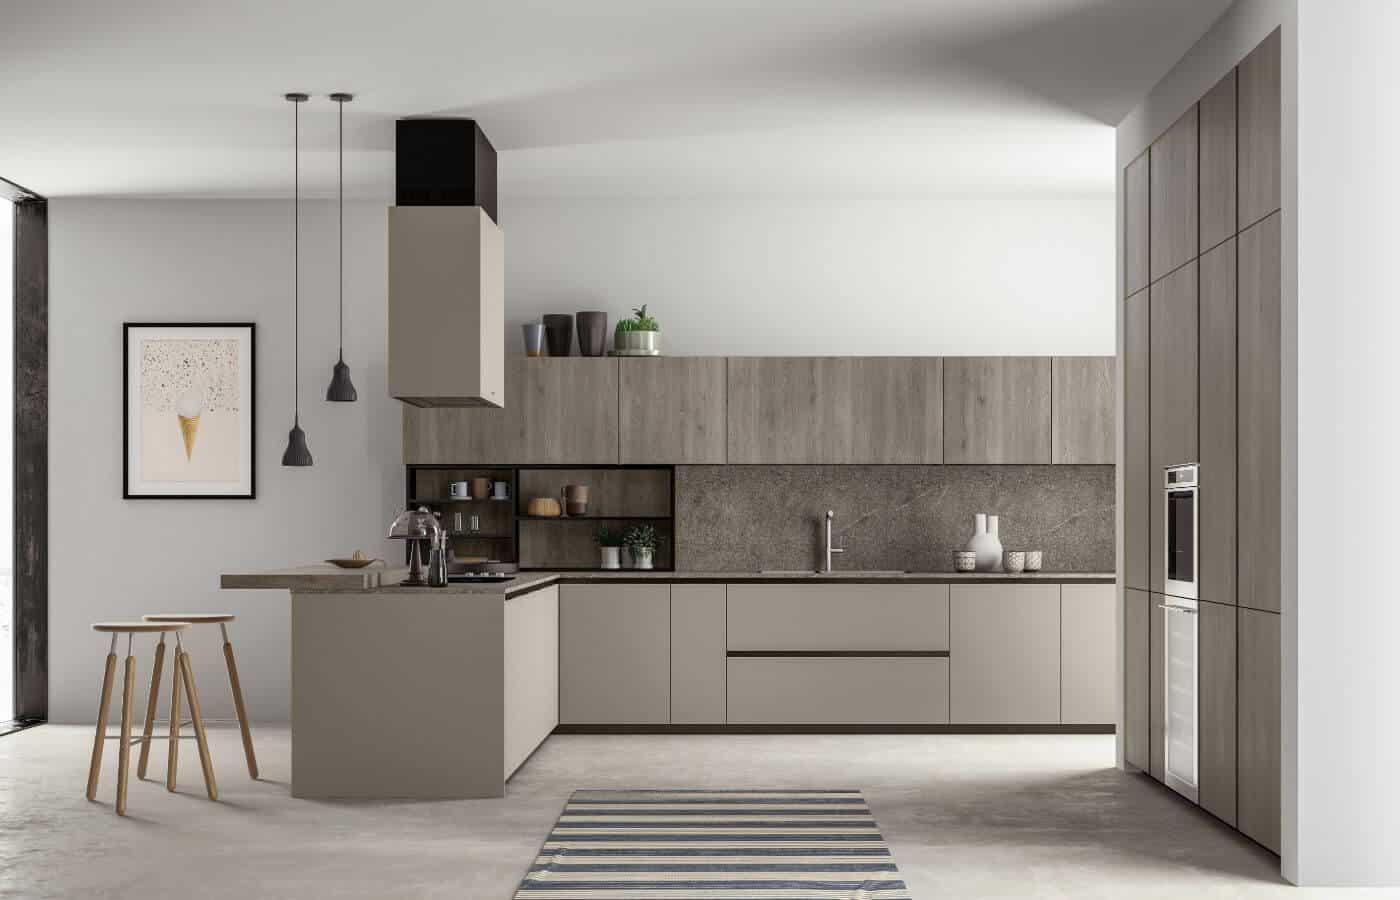 cucina-cappa-isola-soffitto-collezione-chic-color-il-mobile